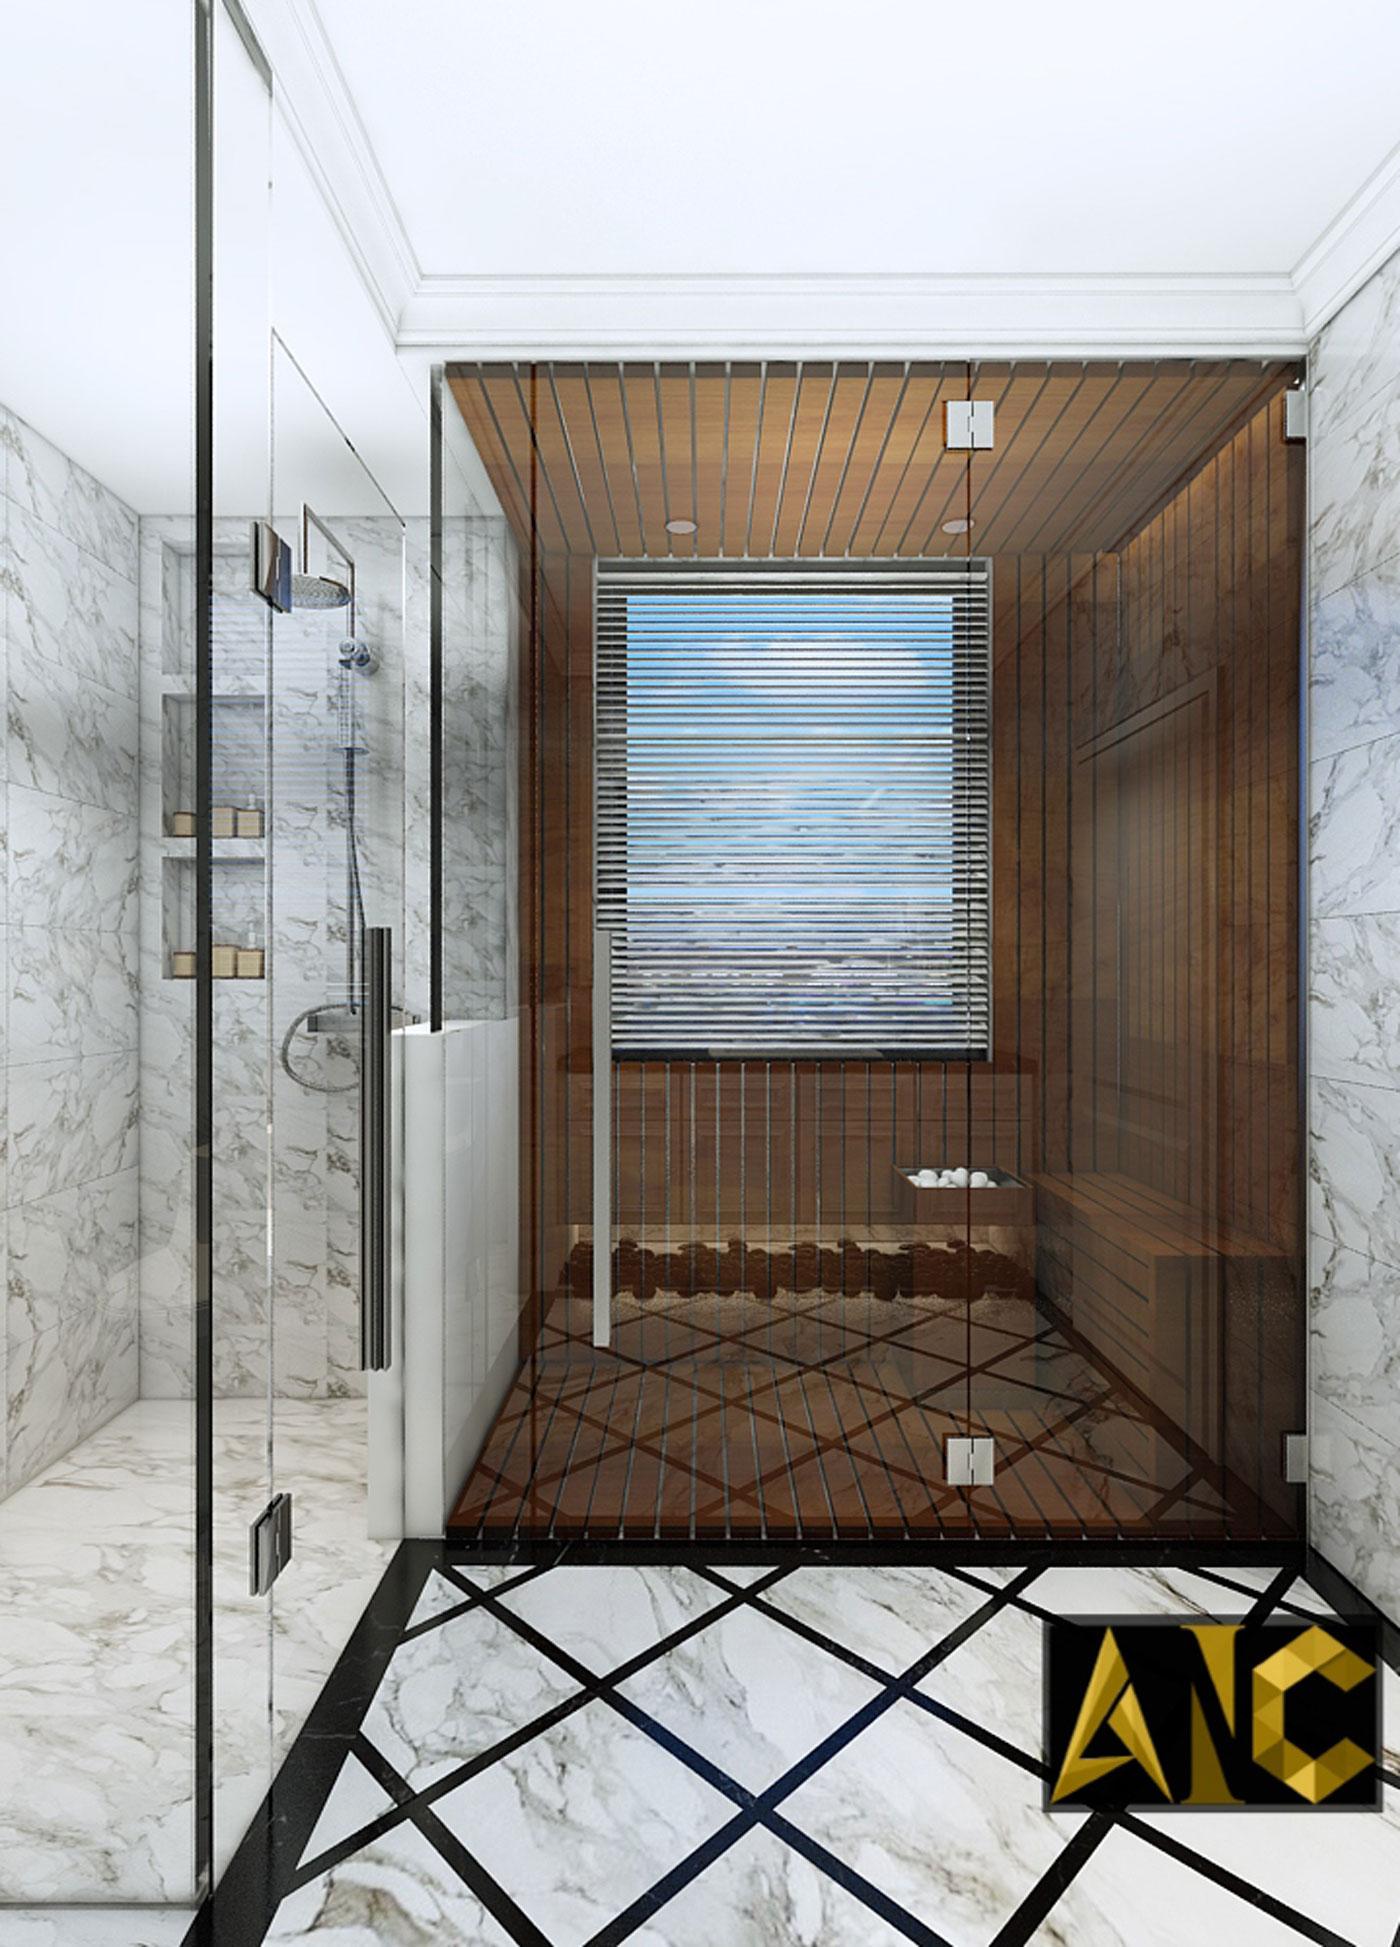 Thiết kế thi công biệt thự Nine South anh Mạnh - Phòng vệ sinh view 2